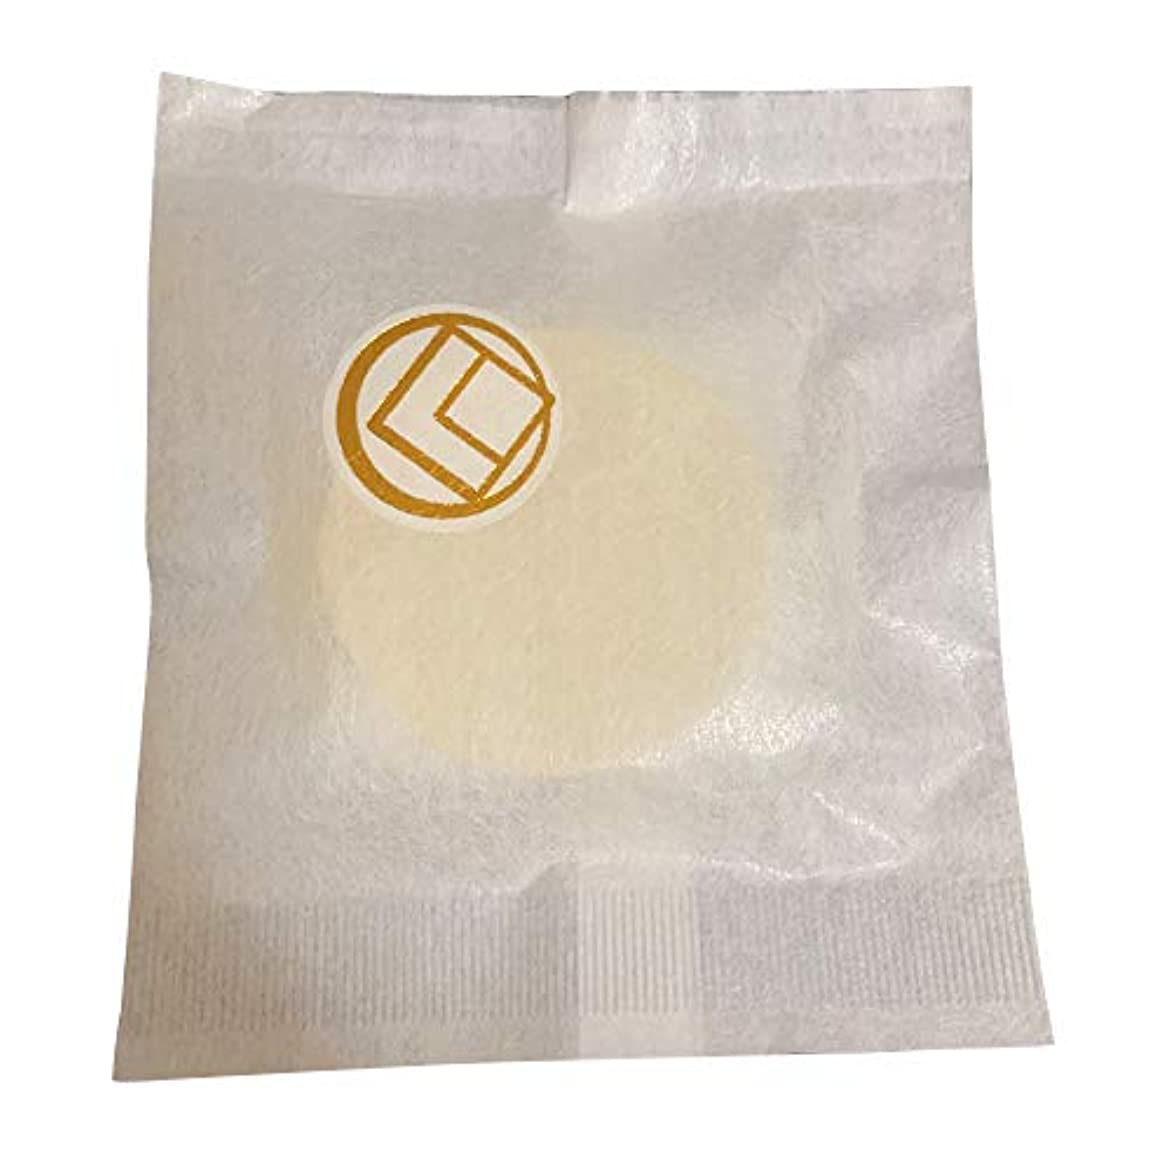 反応するスキップ何でも【肌断食専用】美塩(うつくしお)メイク落とし石鹸